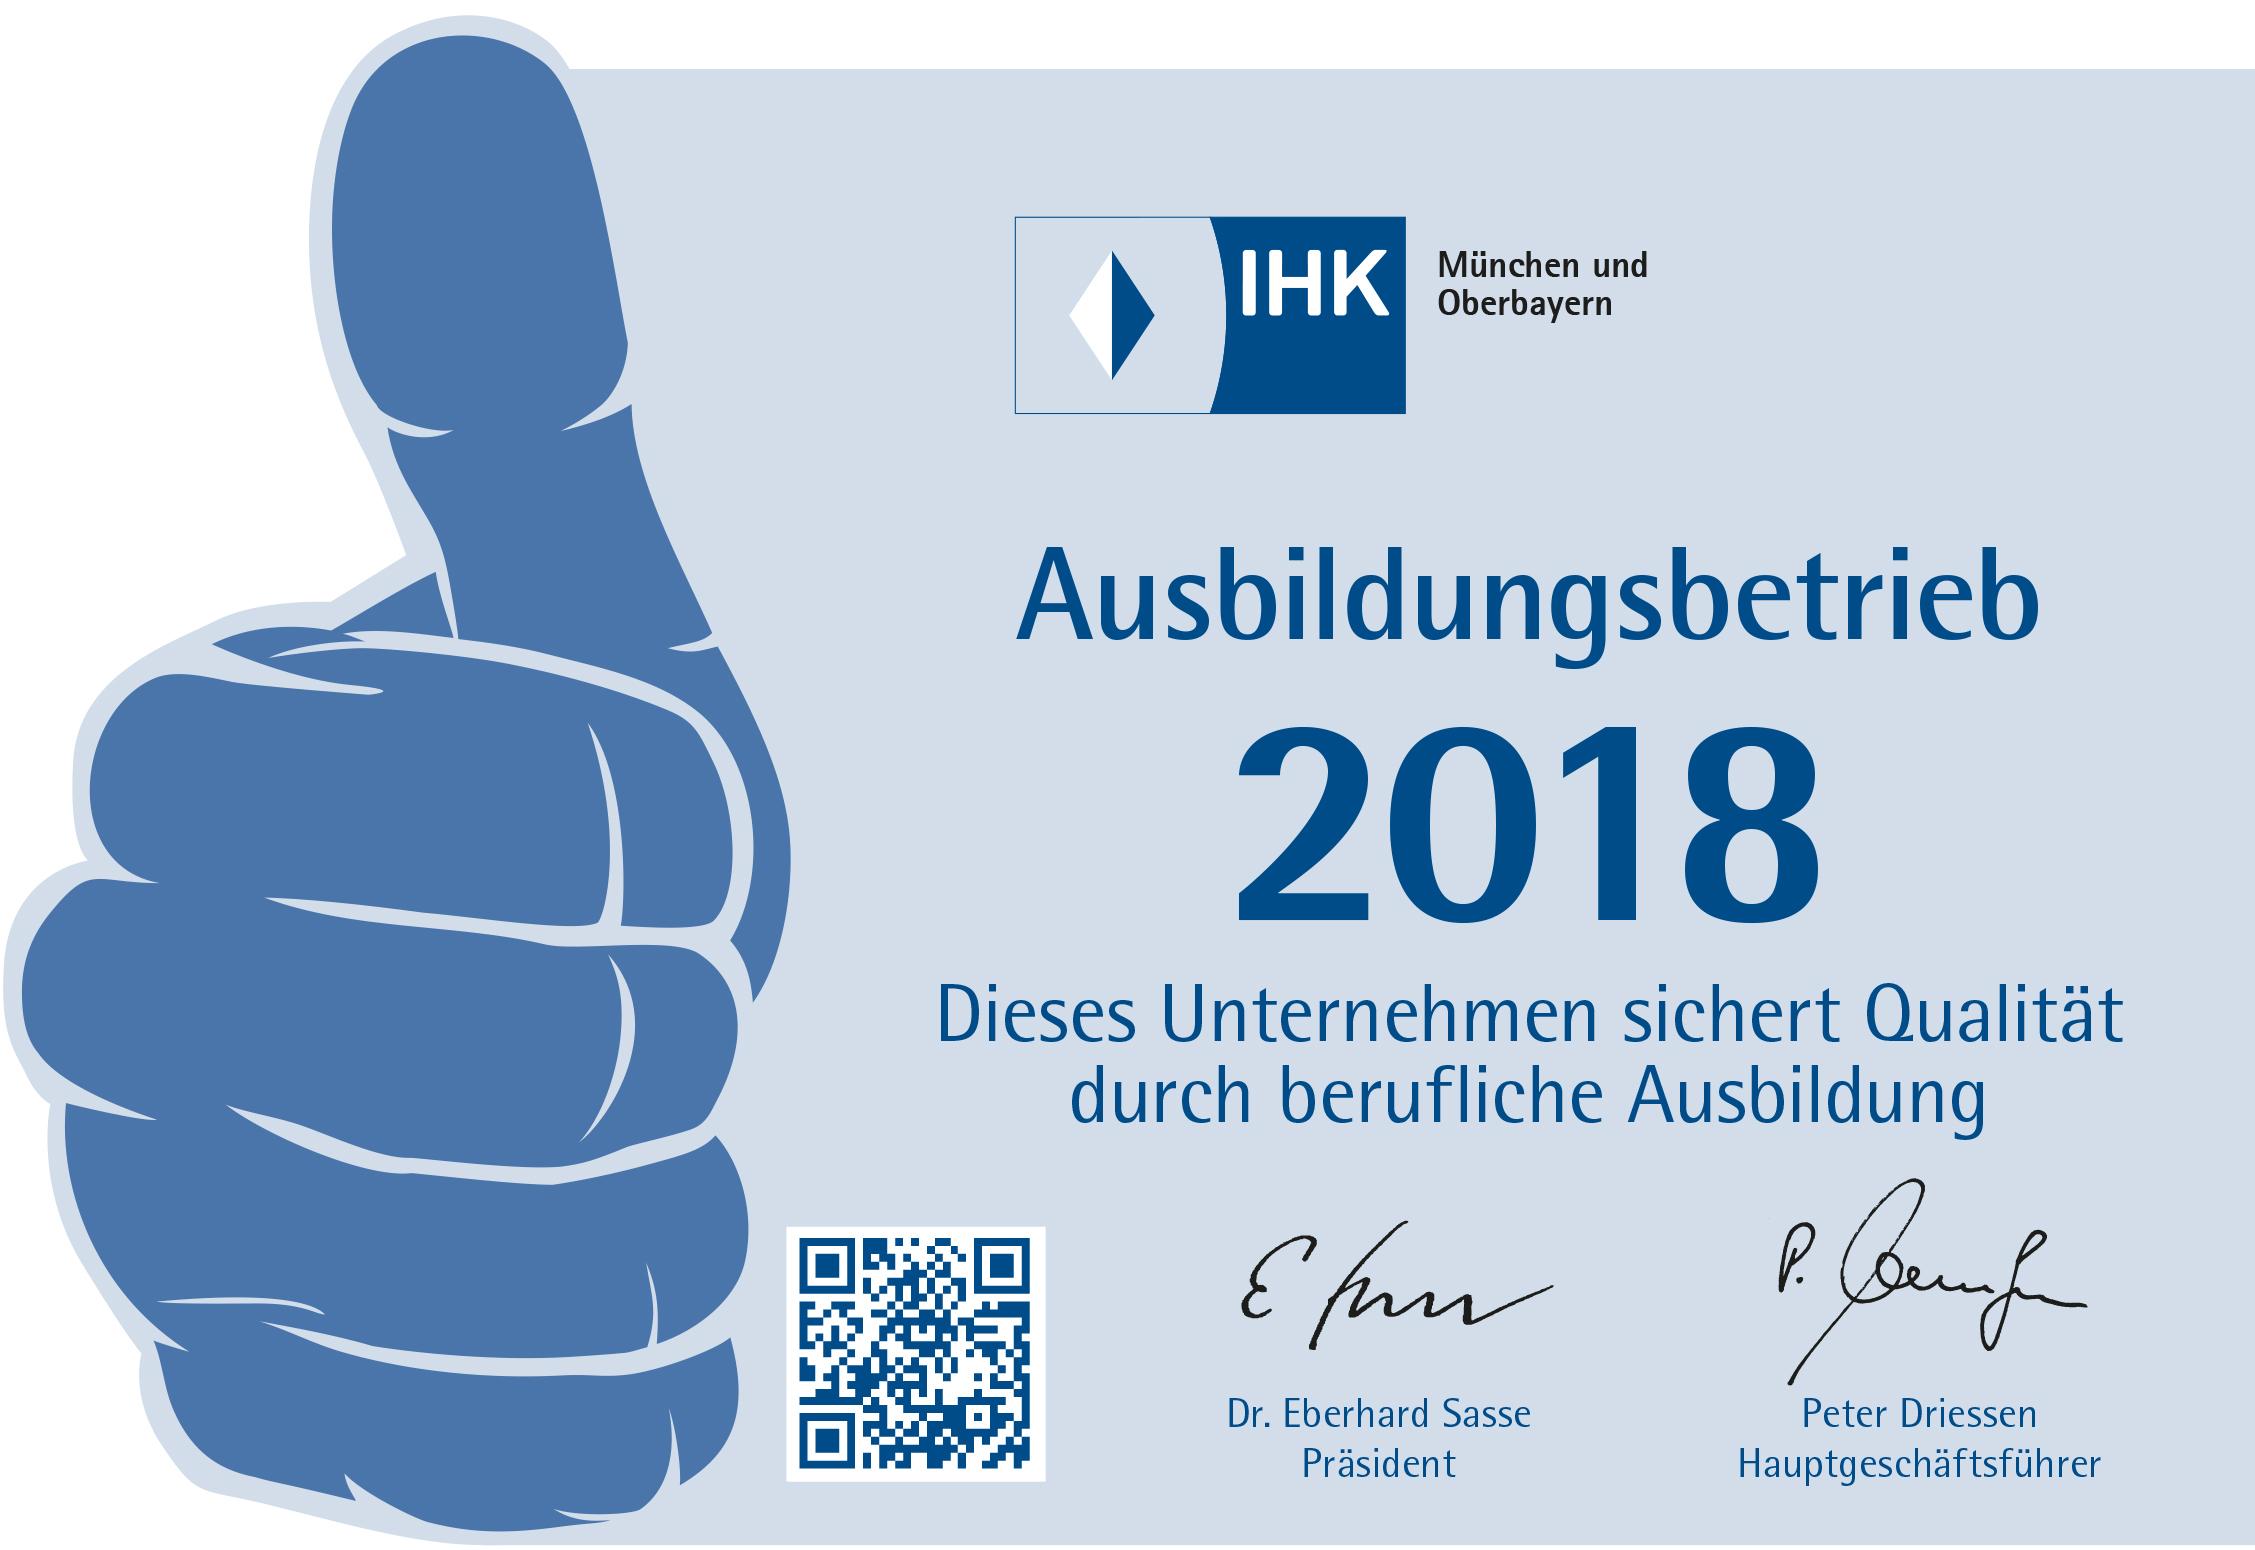 IHK Ausbildungsbetrieb 2018 Daumen nach oben